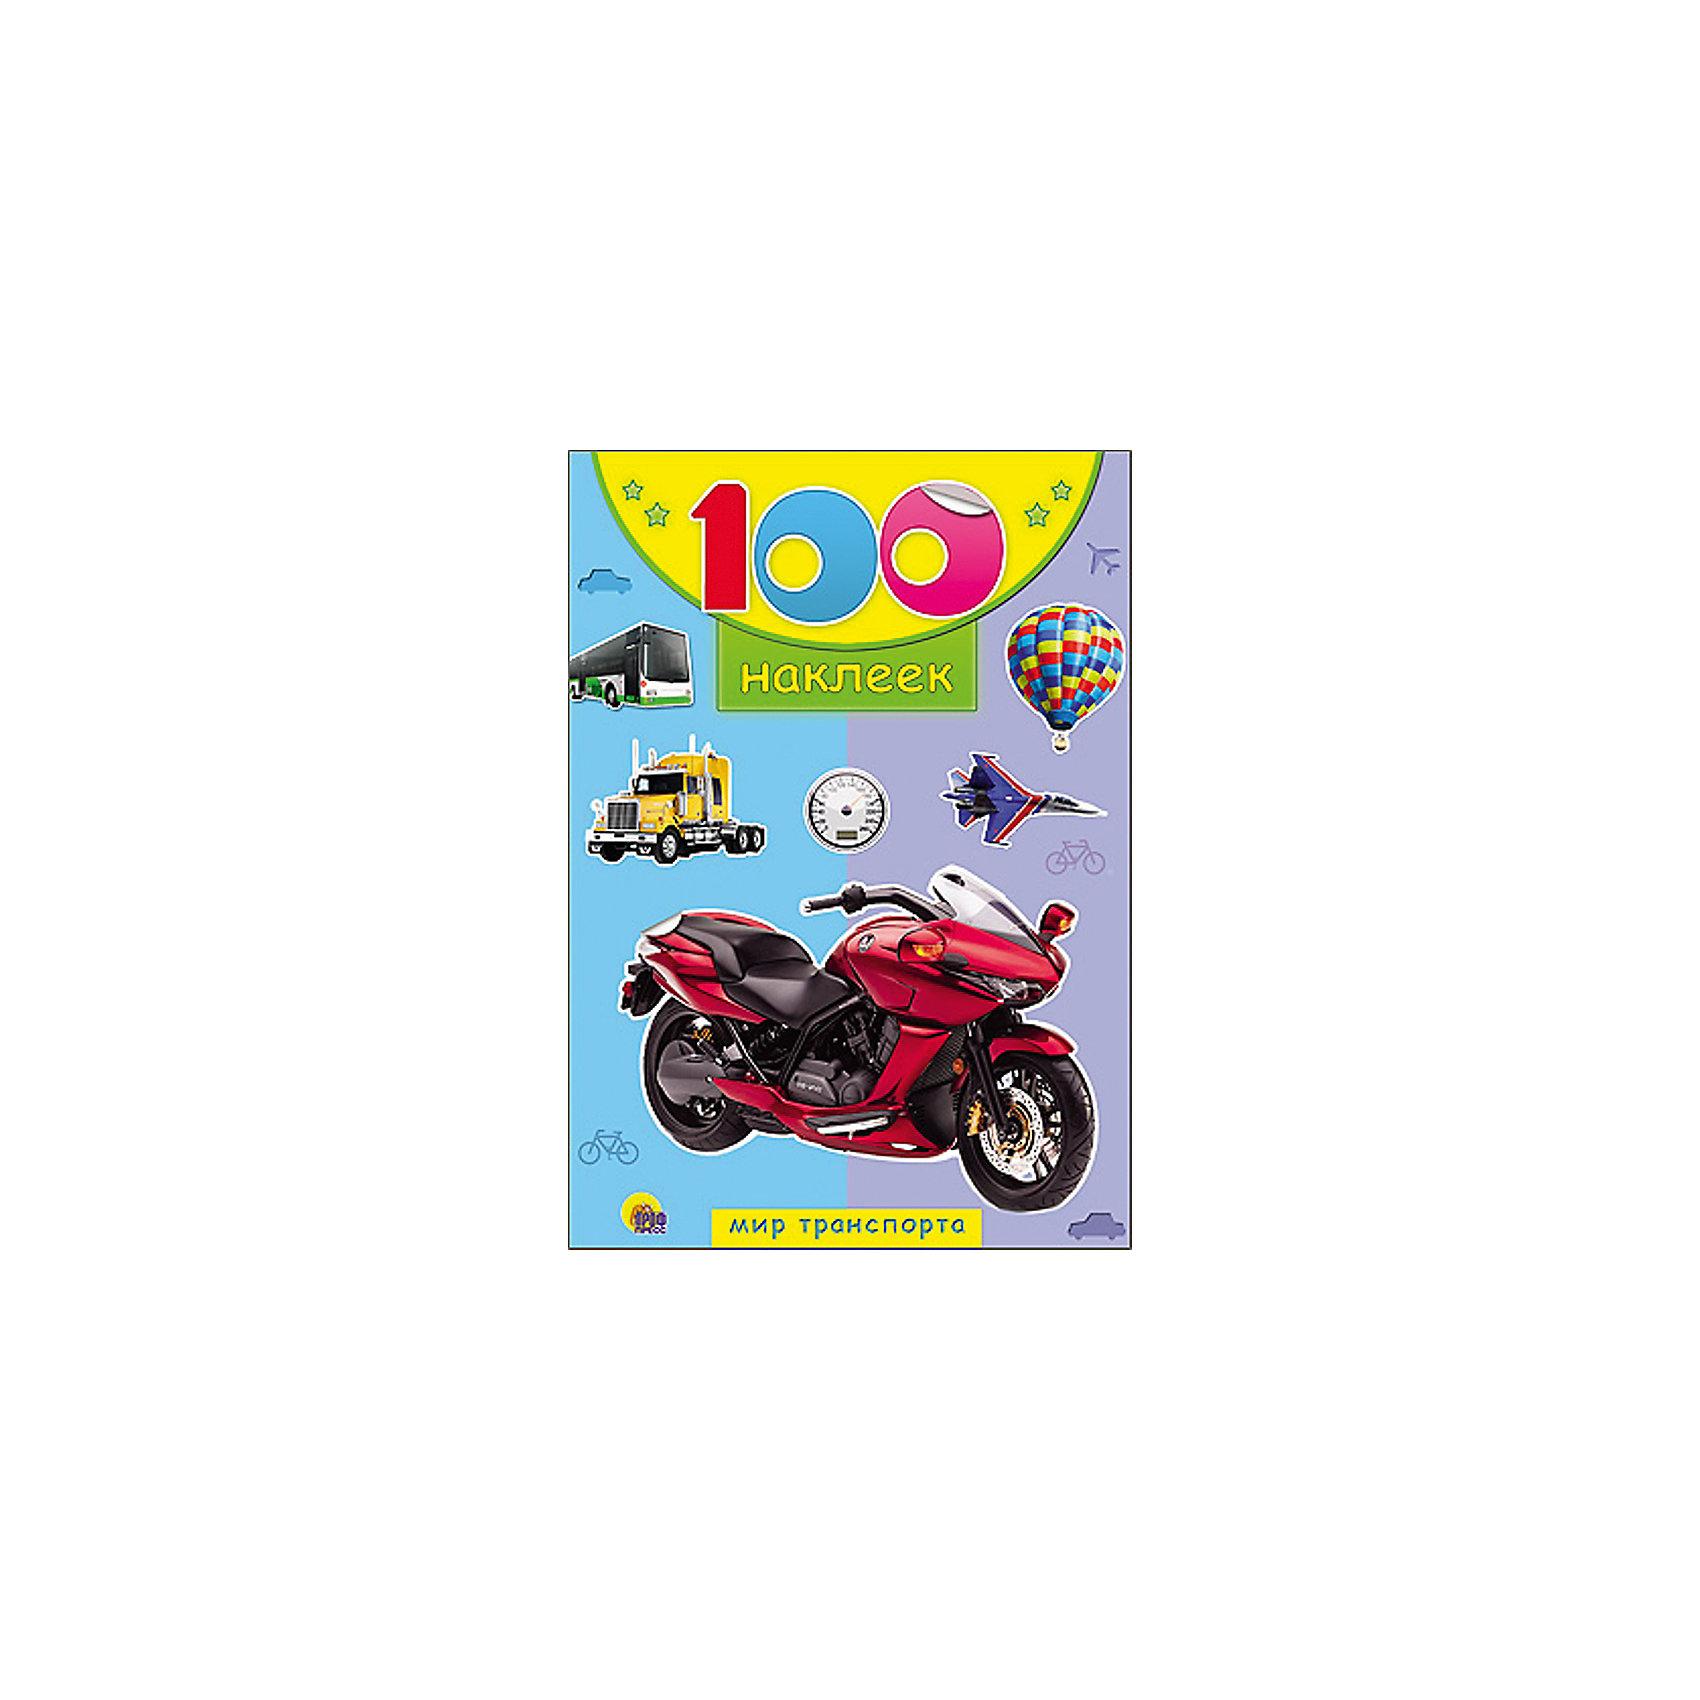 100 наклеек Мир транспортаВ красочной серии «100 наклеек» каждый ребенок сможет найти картинки на свой вкус! Эти яркие книжки непременно понравятся и малышам, и детям постарше.<br><br>Дополнительная информация:<br><br>Страниц:4 <br>Формат: 150х200<br><br>100 наклеек Мир транспорта можно купить в нашем магазине.<br><br>Ширина мм: 150<br>Глубина мм: 2<br>Высота мм: 200<br>Вес г: 31<br>Возраст от месяцев: 36<br>Возраст до месяцев: 84<br>Пол: Мужской<br>Возраст: Детский<br>SKU: 4347276